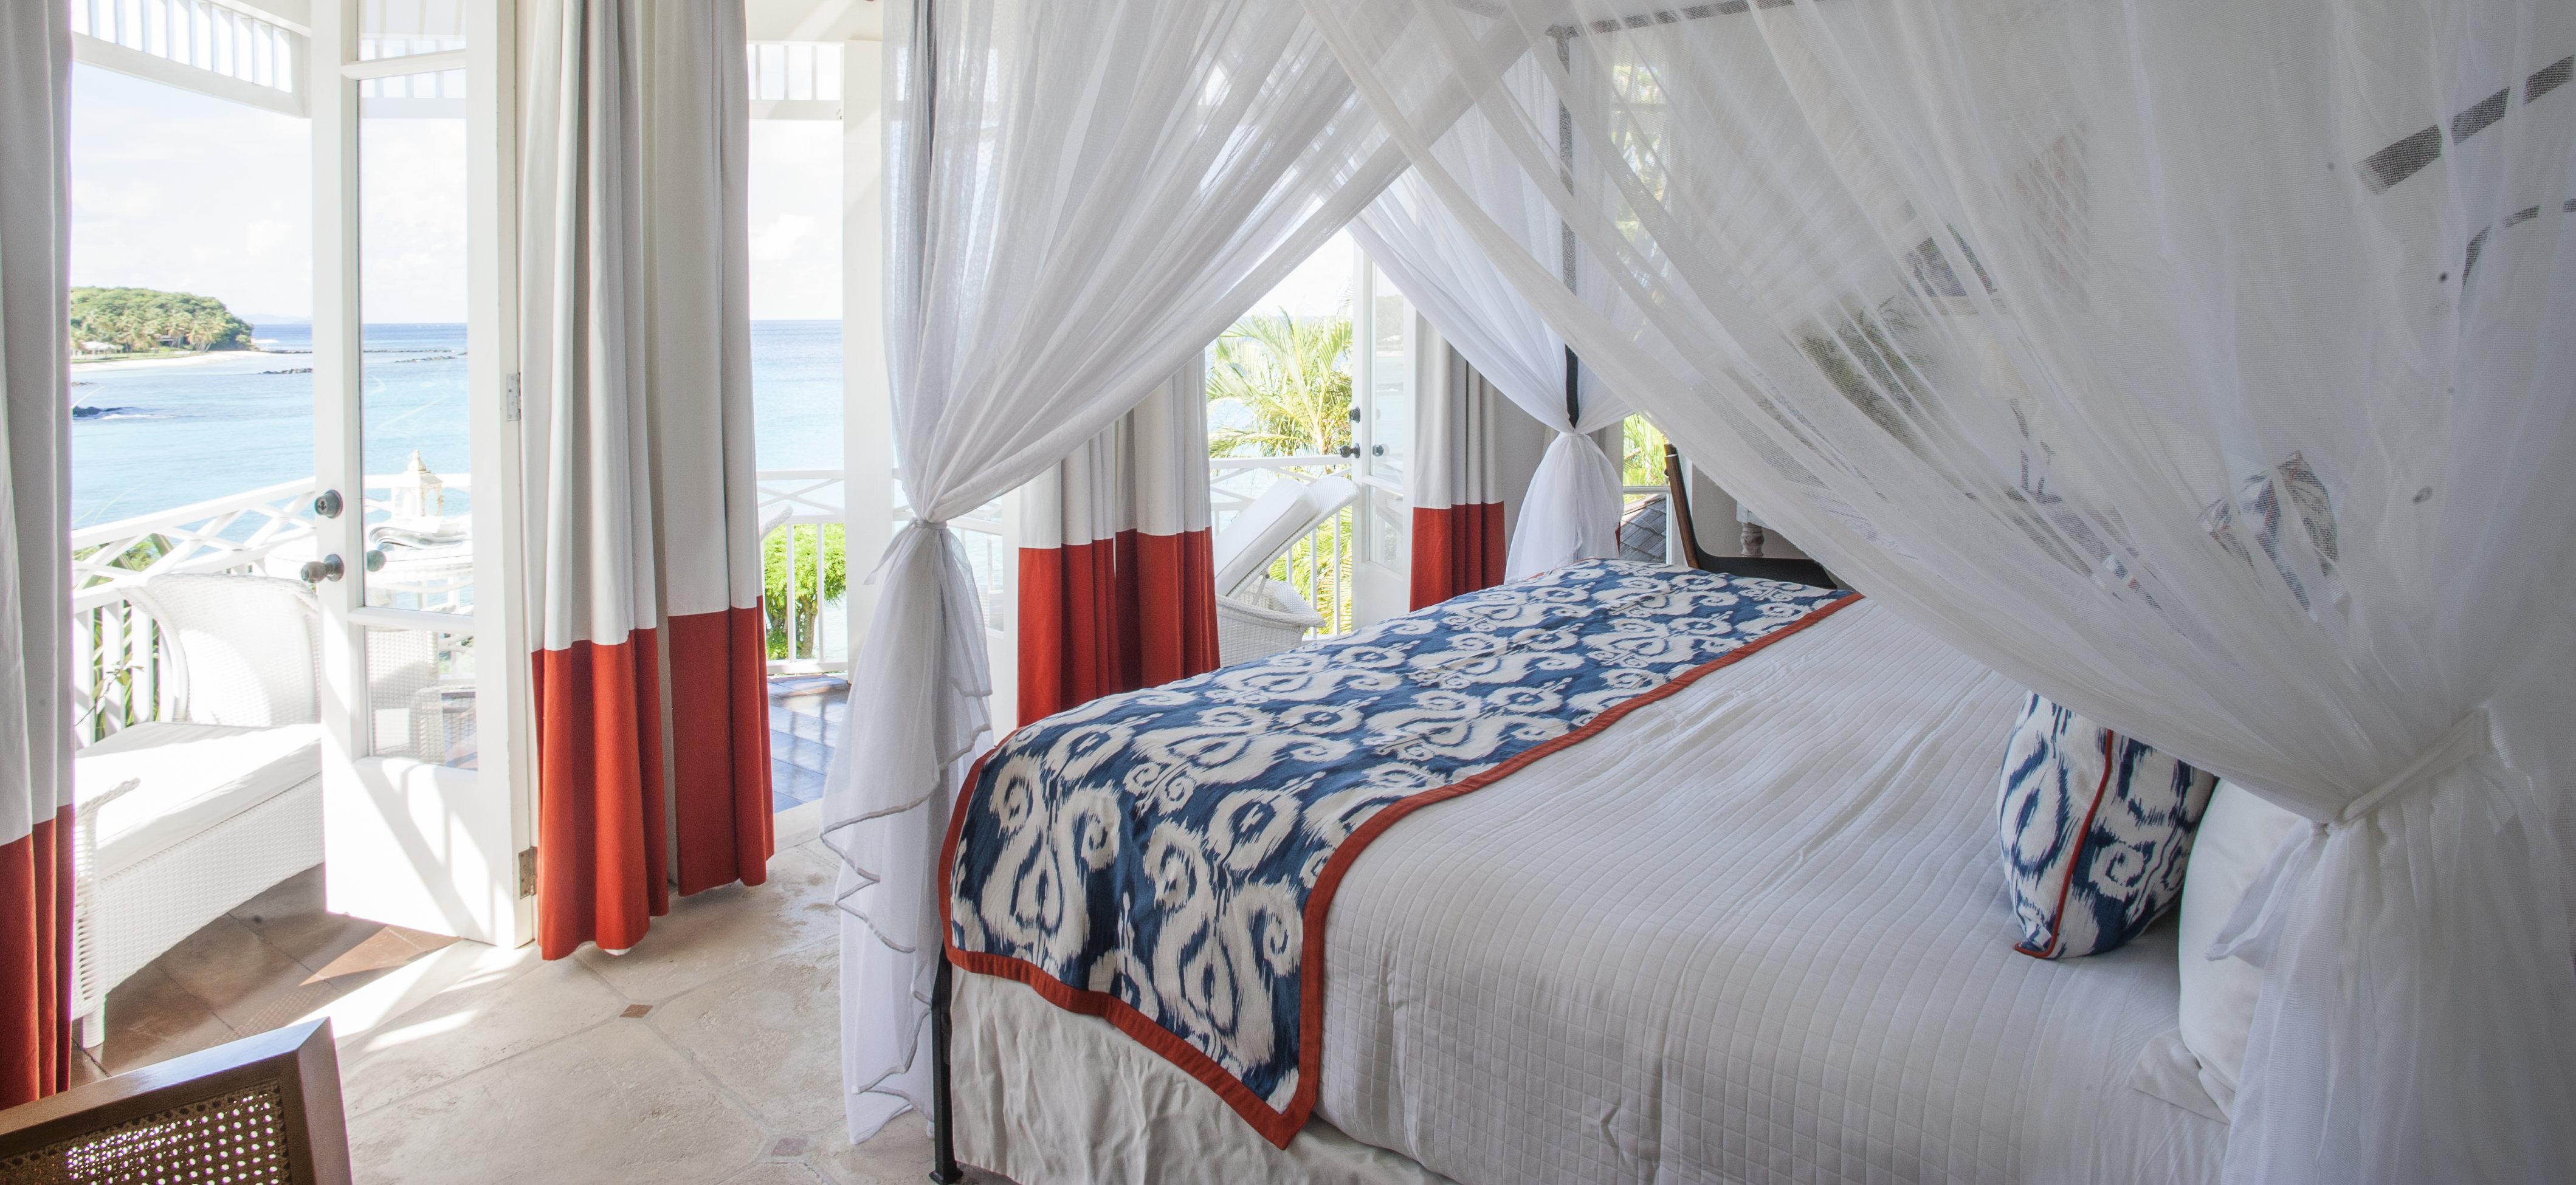 seaview-villa-mustique